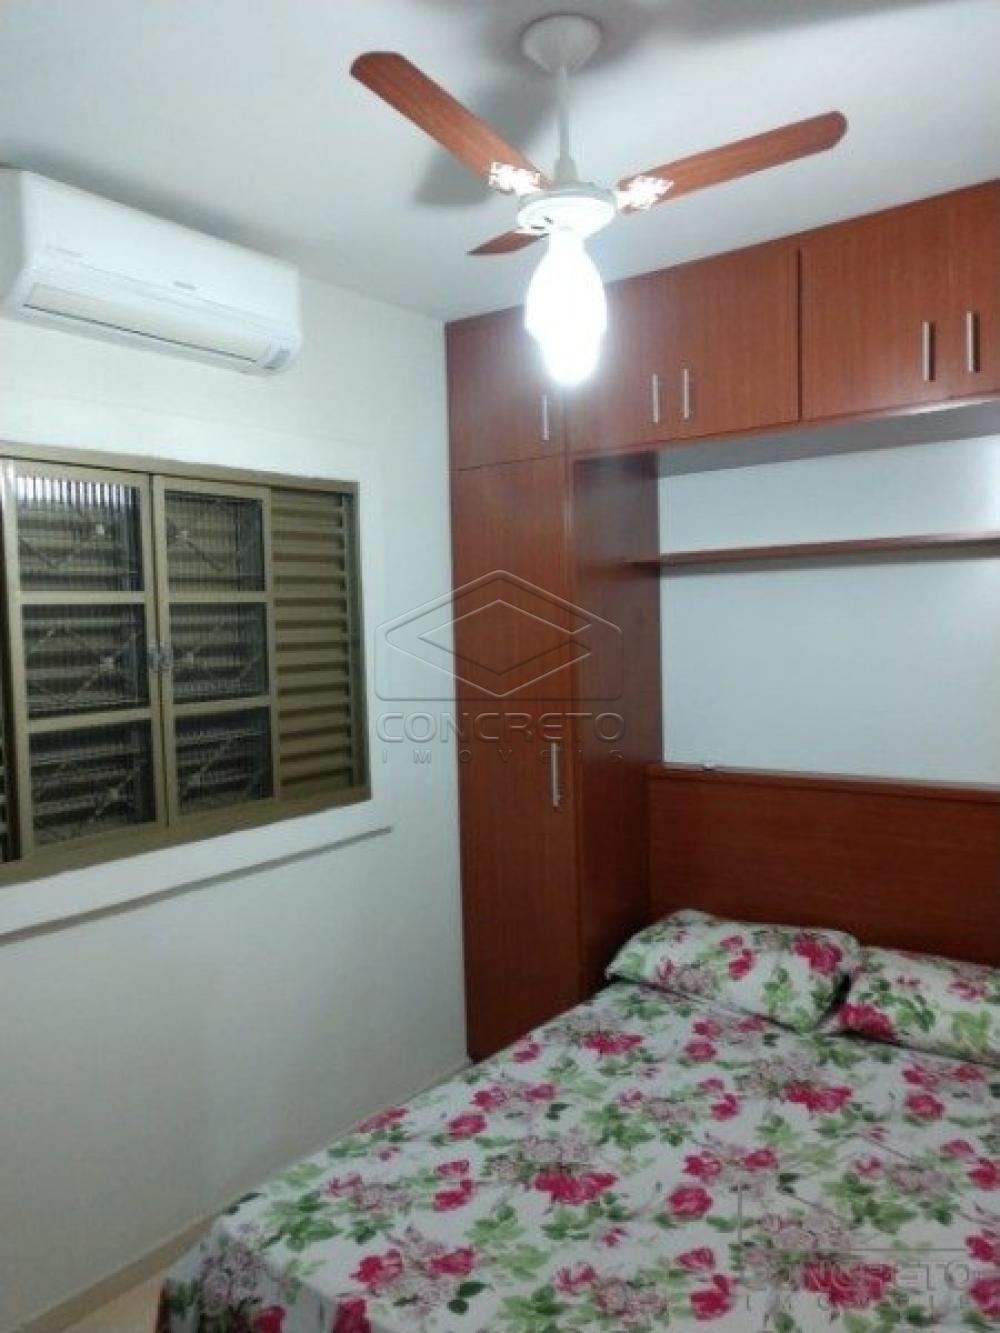 Comprar Casa / Residencia em Jaú apenas R$ 255.000,00 - Foto 3